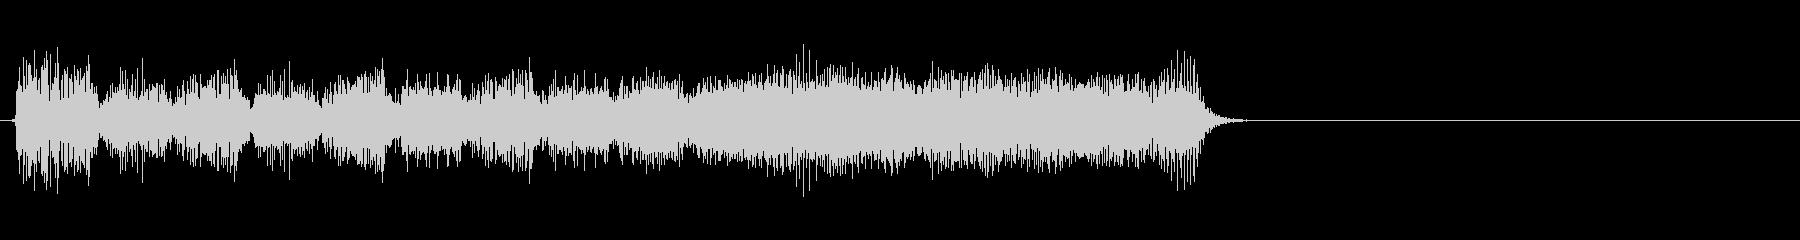 アクションゲーム等のステージクリア音の未再生の波形